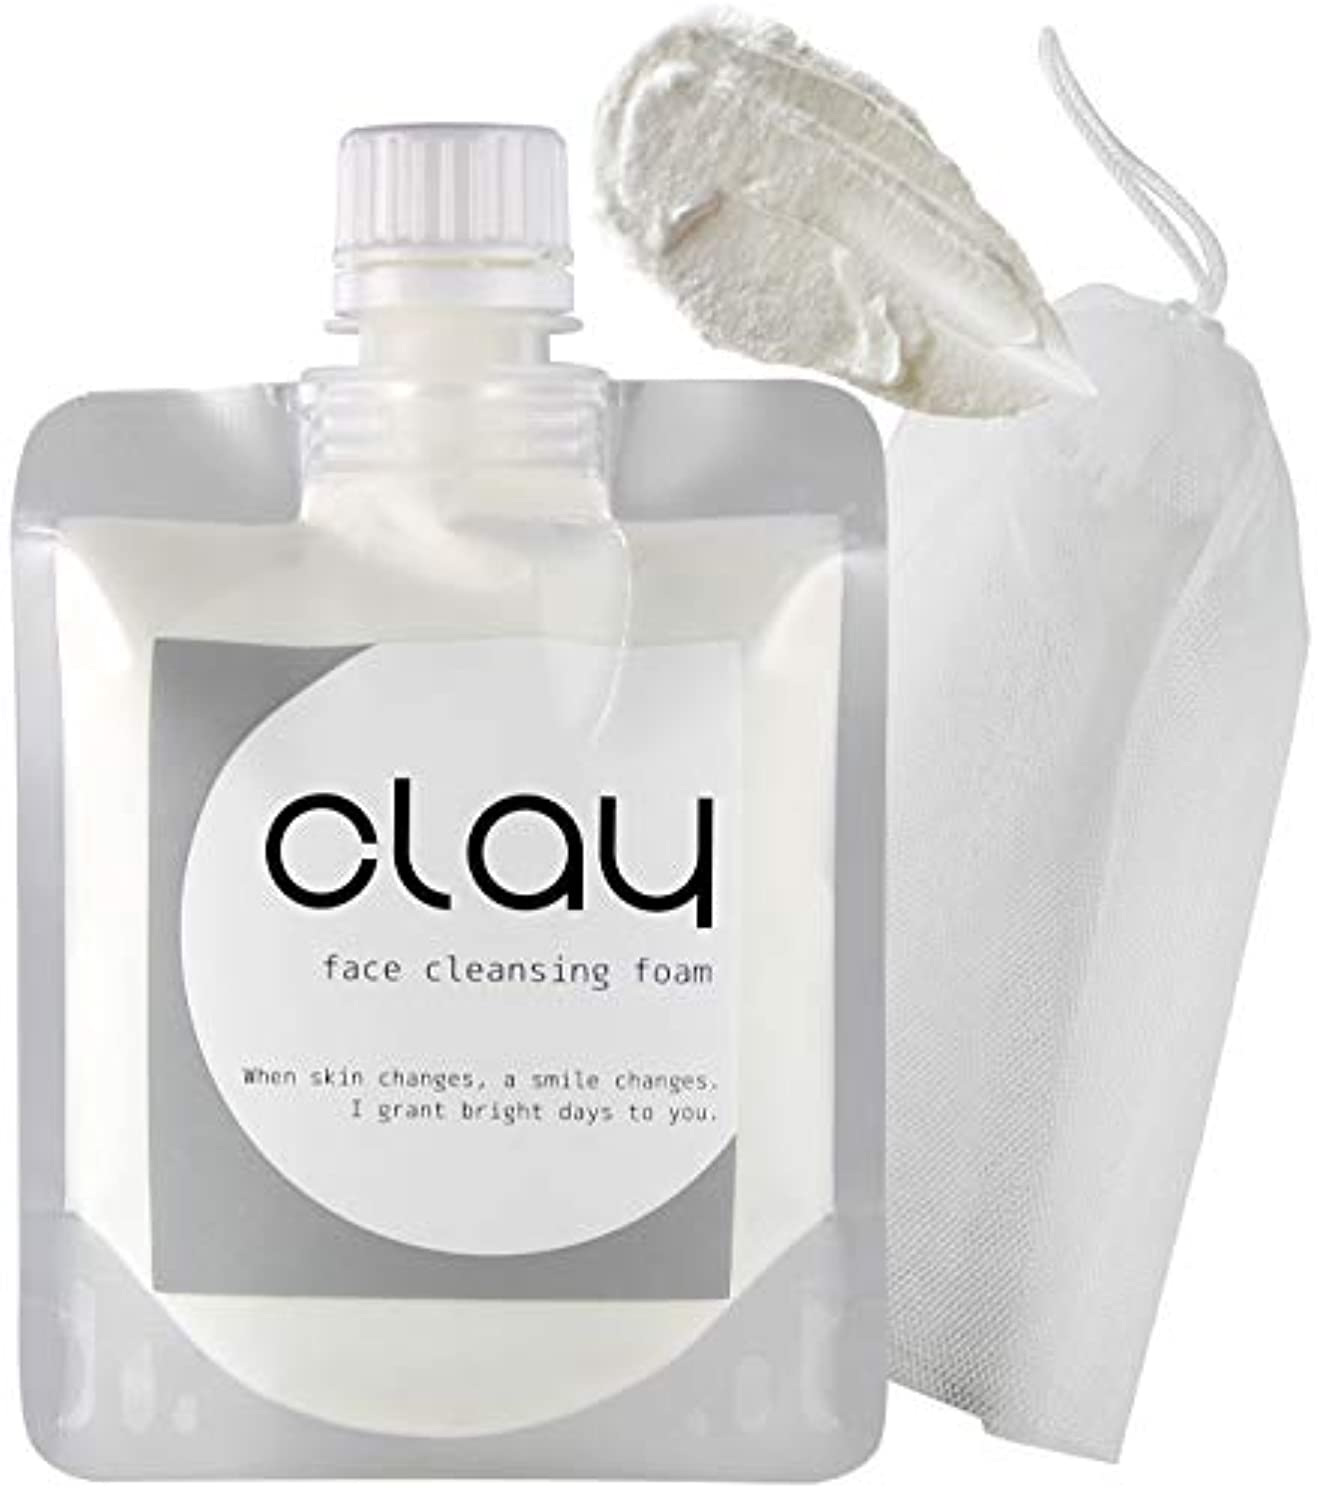 皿機転ペグSTAR'S クレイ 泥 洗顔 オーガニック 【 毛穴 黒ずみ 開き ザラ付き 用】「 泡 ネット 付き」 40種類の植物エキス 16種類の美容成分 9つの無添加 透明感 柔肌 130g (Clay)